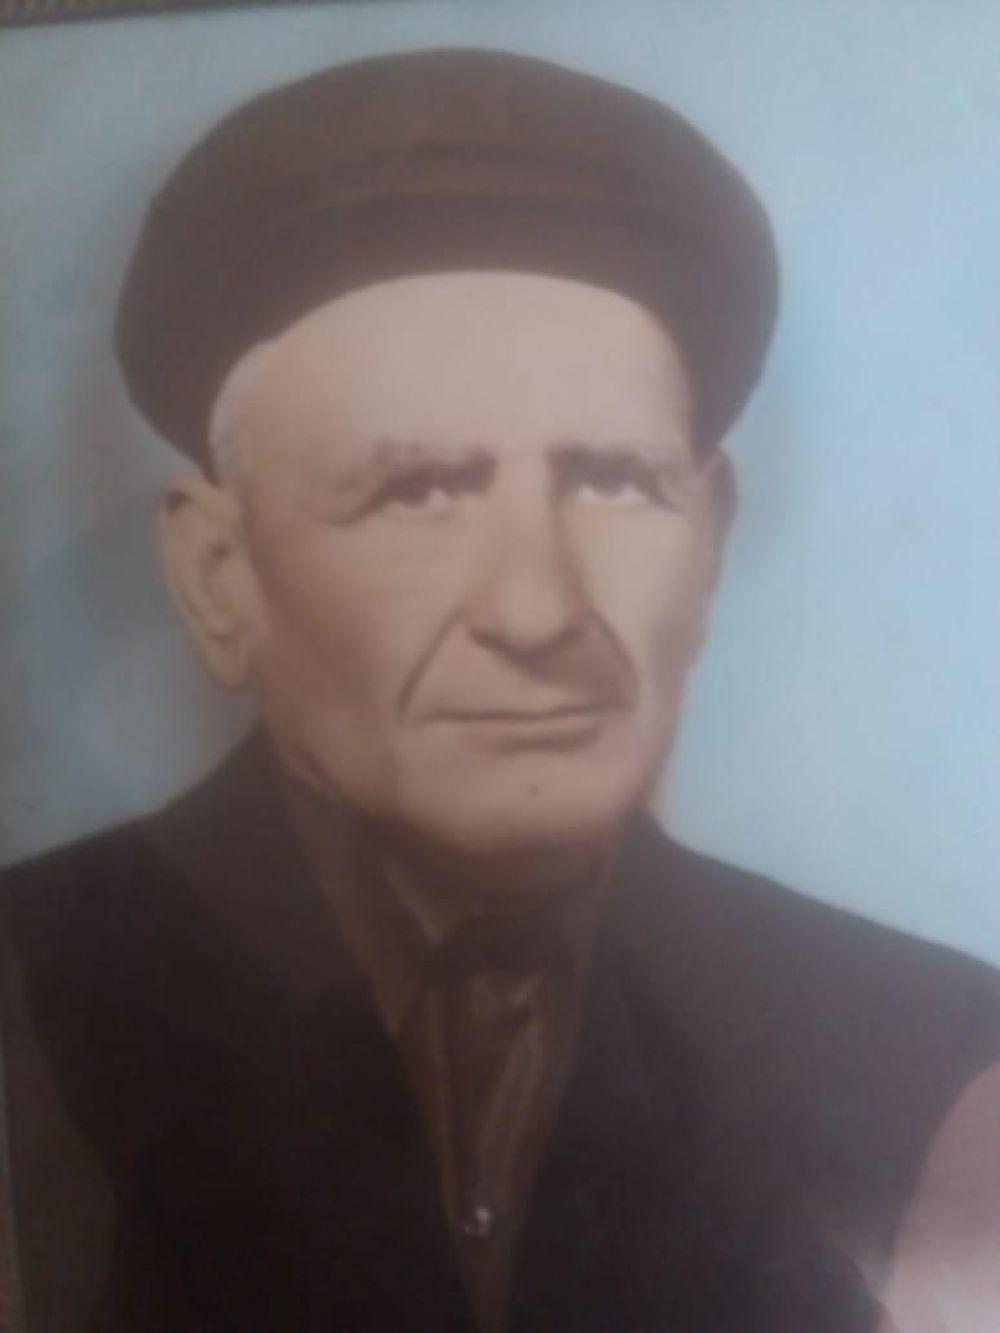 Фатима Шеуджен, главный редактор «АиФ-Юг»: Мой родной дед- Цику Исмаил Нануович. Родился в ауле Эдепсукай. Всю войну проработал на оружейном предприятии в Златоусте. К сожалению, я его не помню. Он умер в 1977 году.